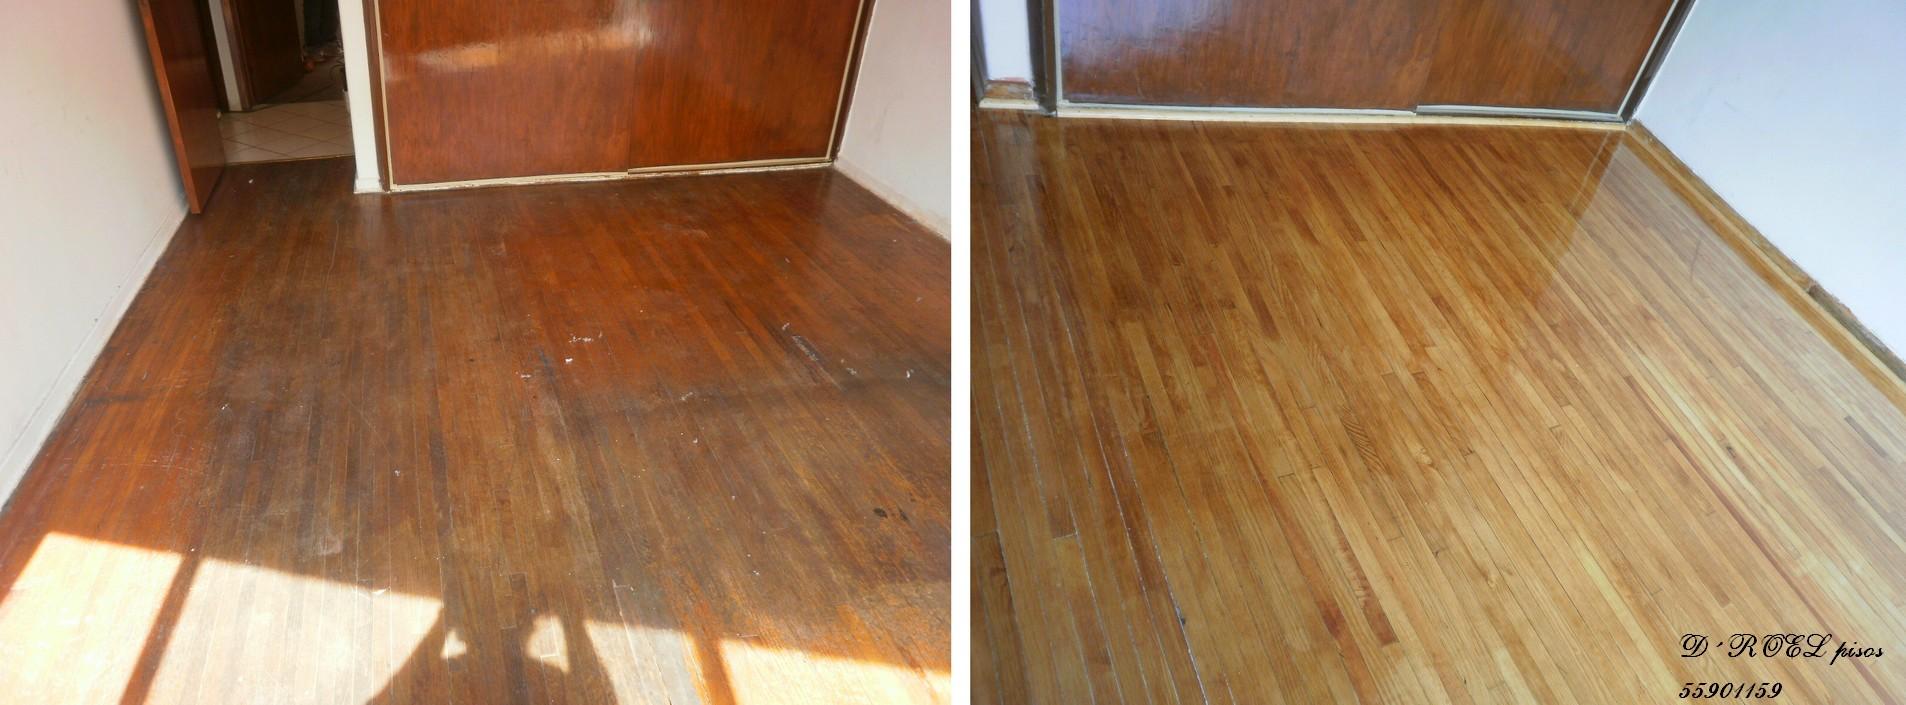 Pulido de pisos de duela presupuestos gratis vbf 120 for Precio colocacion parquet m2